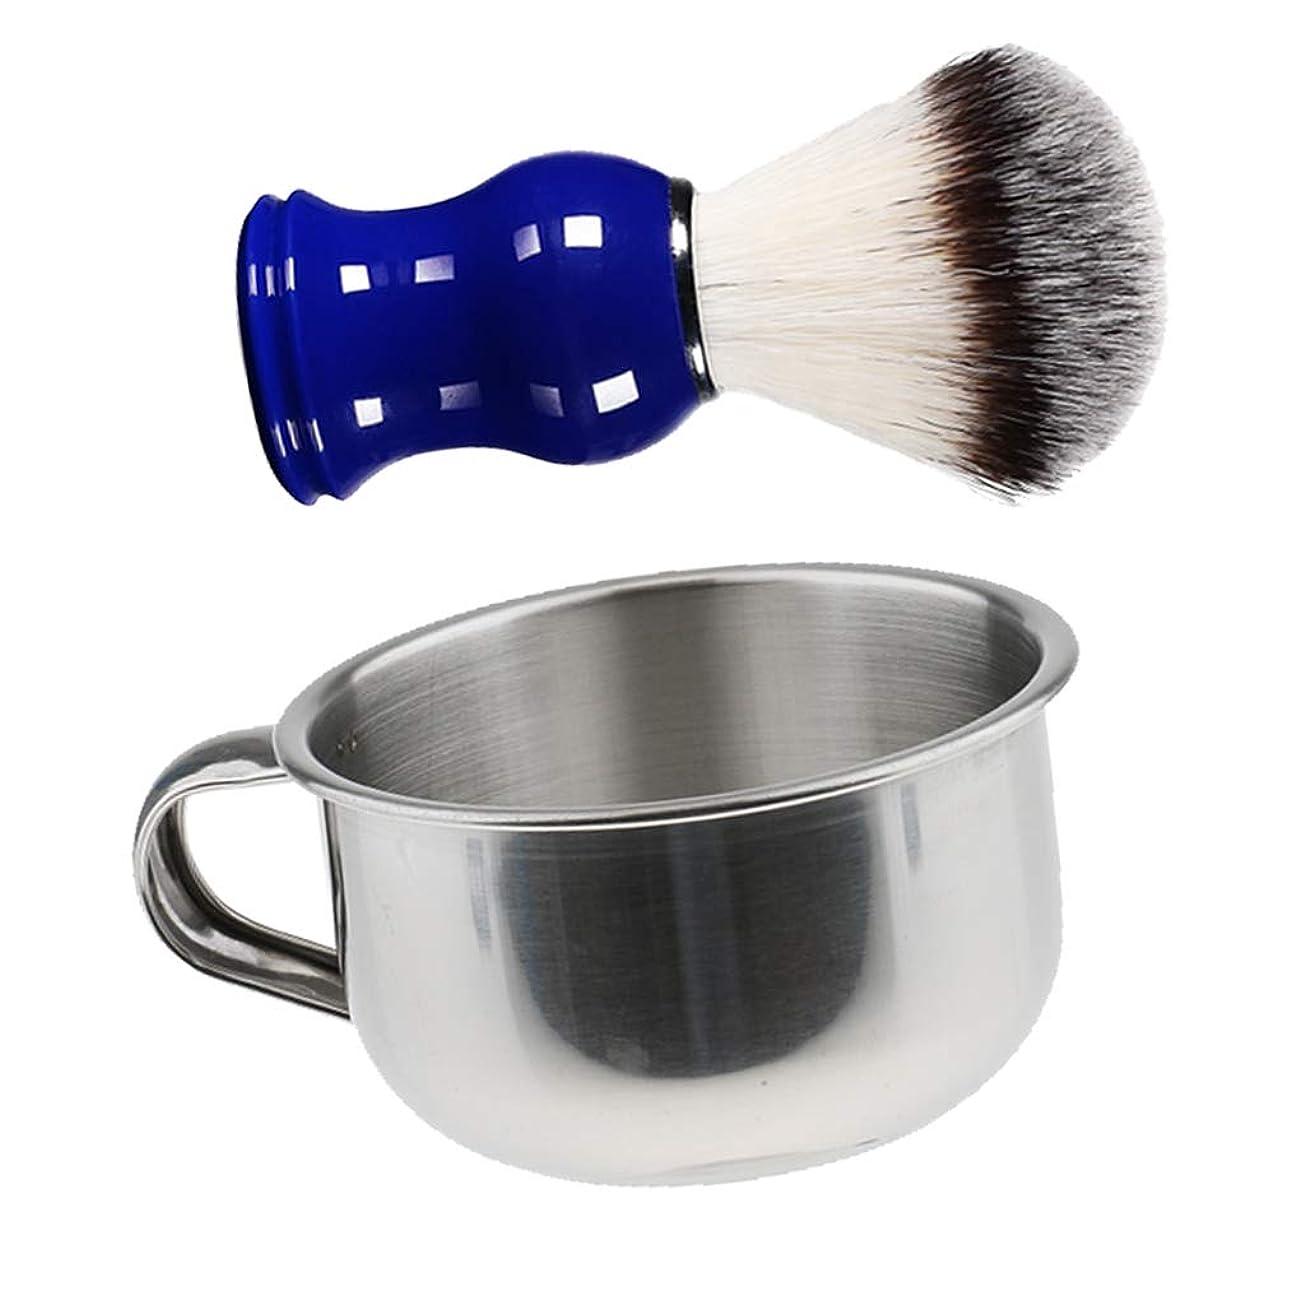 ヒギンズご覧くださいステージchiwanji メンズ シェービング マグ ボウル カップ ステンレス製 シェービング用ブラシ 理容 洗顔 髭剃り